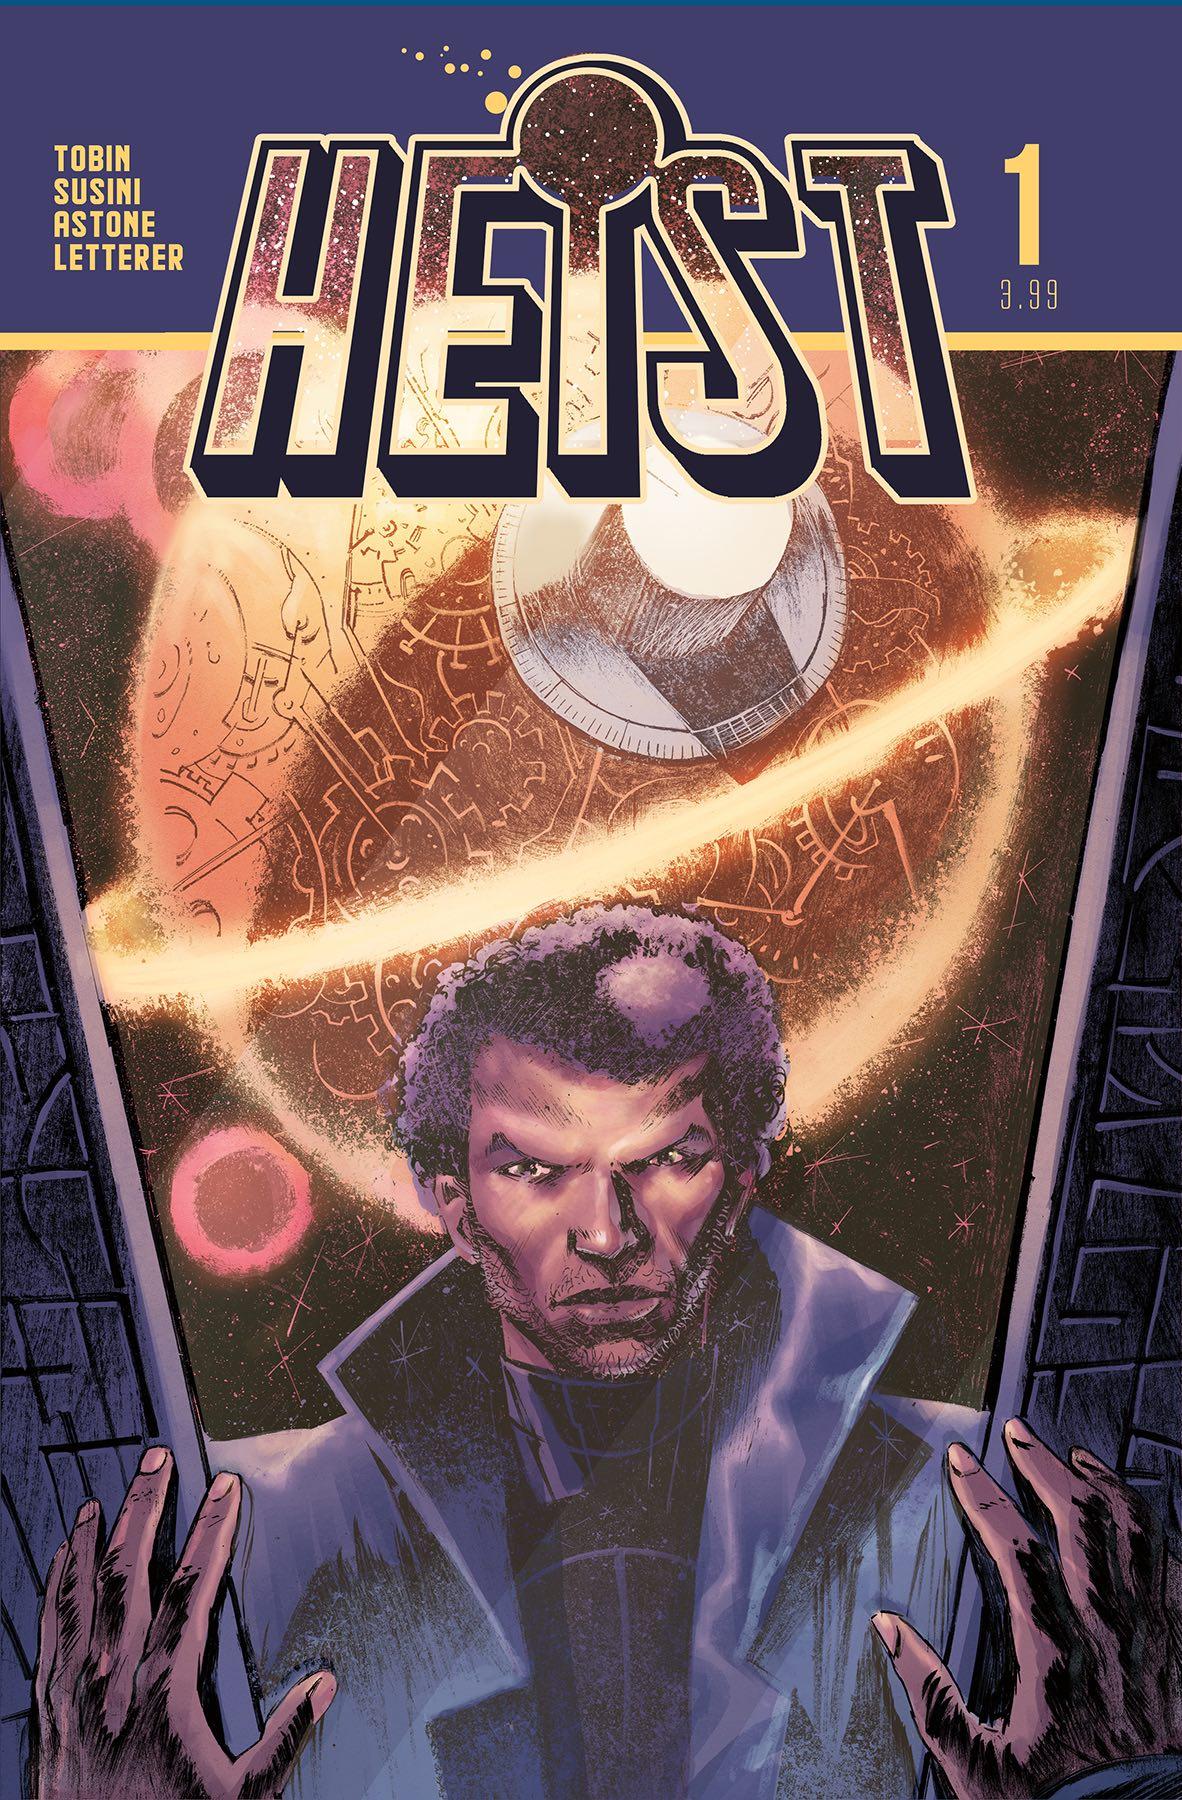 Heist #1, Vault Comics